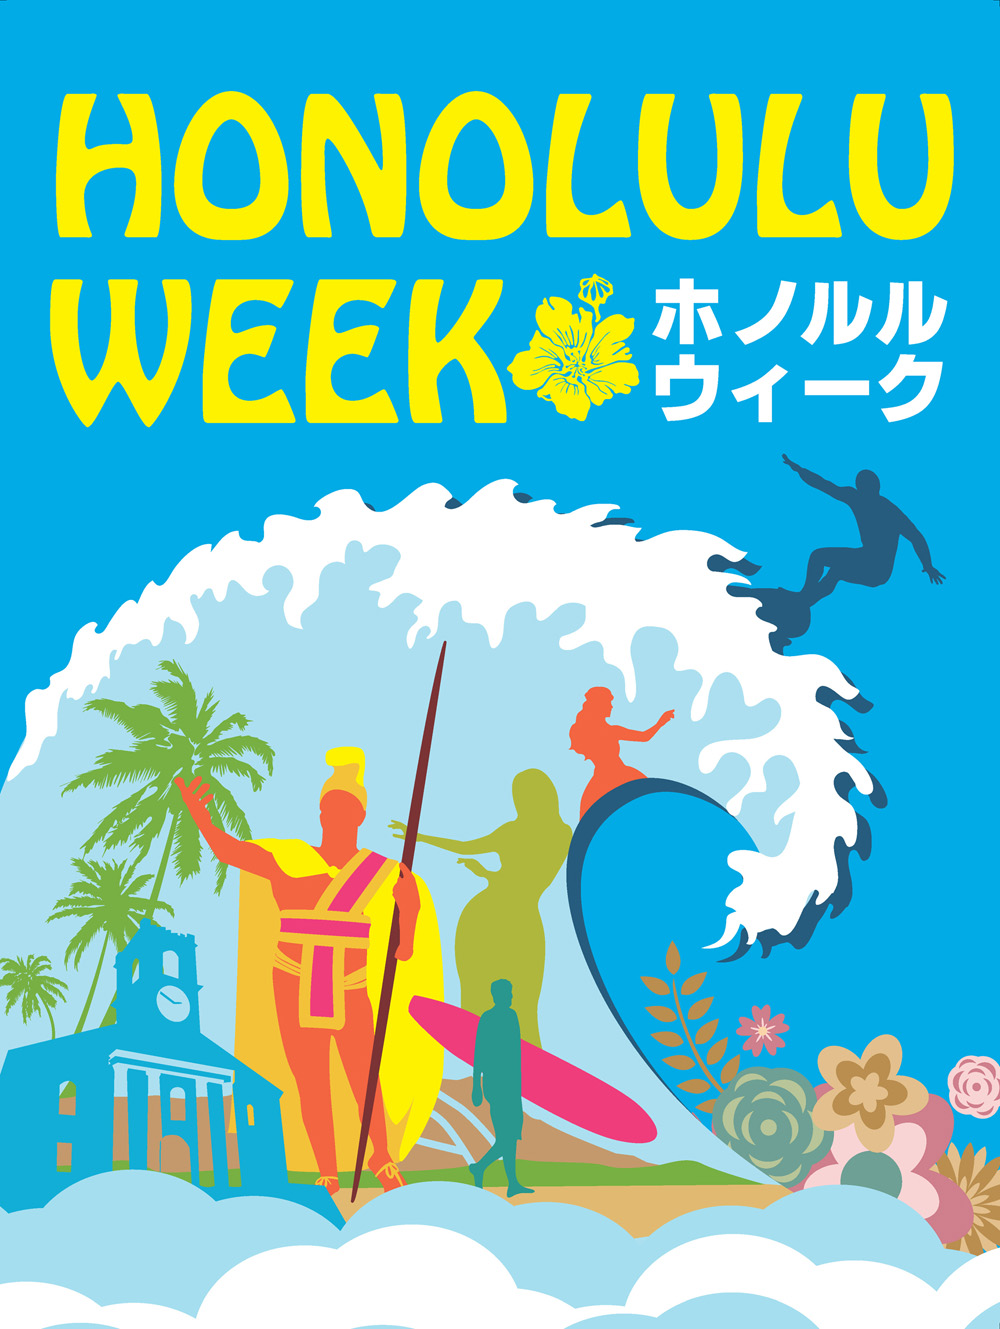 茅ヶ崎の夏がハワイ一色に!特典付きグルメやイベント満載「ホノルルウィーク2018」